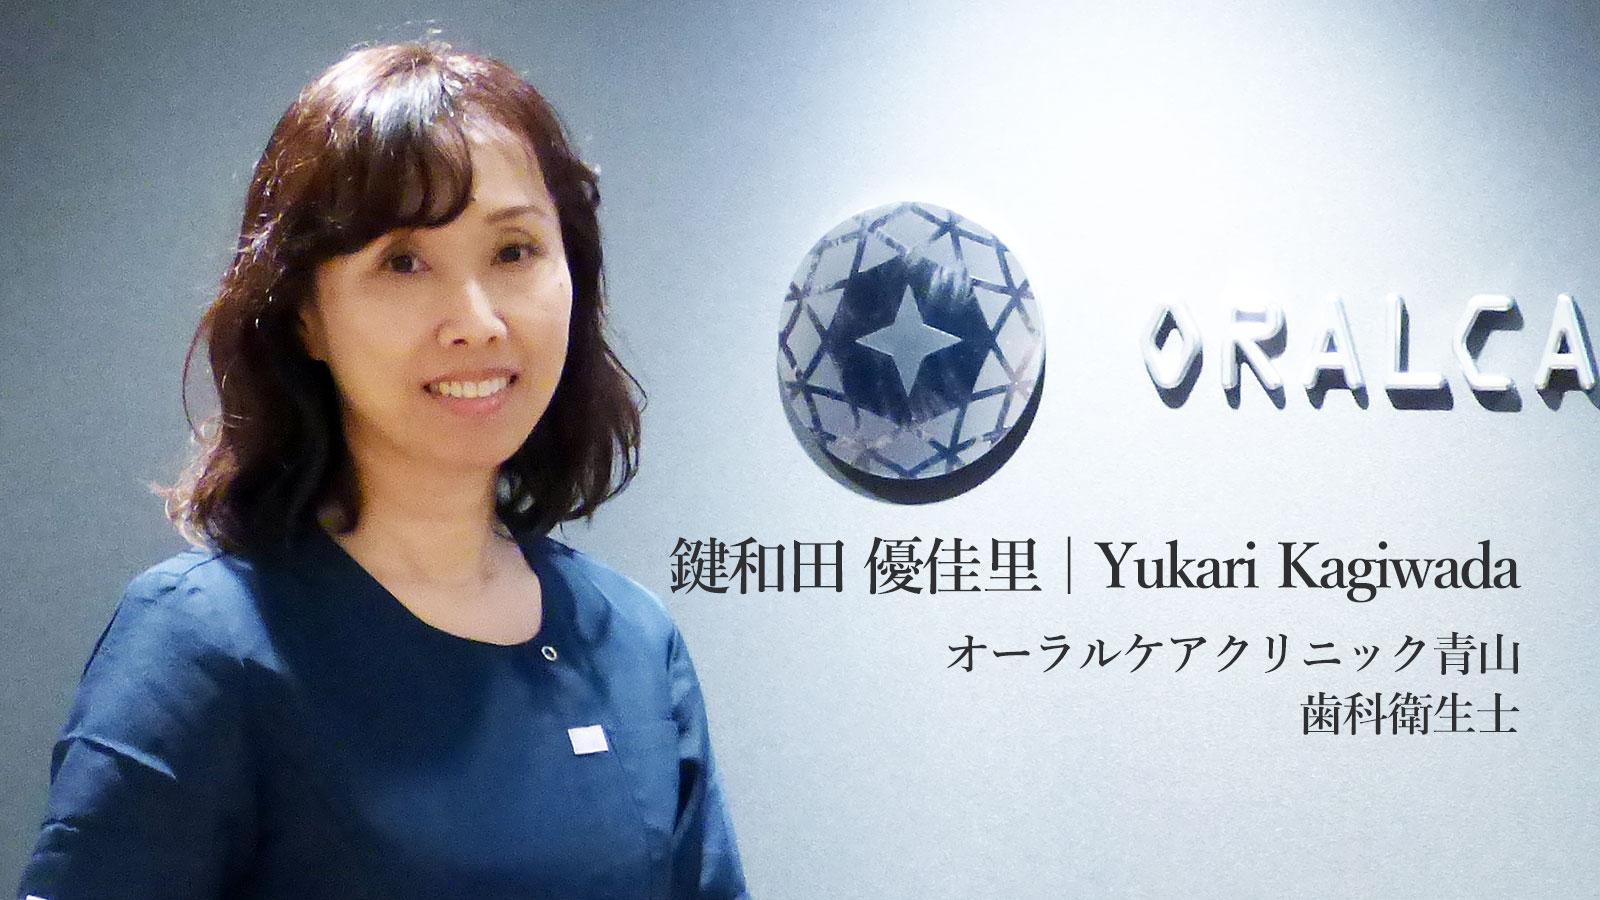 鍵和田優佳里さん『臨床現場に生きる 〜歯科衛生士というプロフェッショナルのロールモデル〜』の画像です